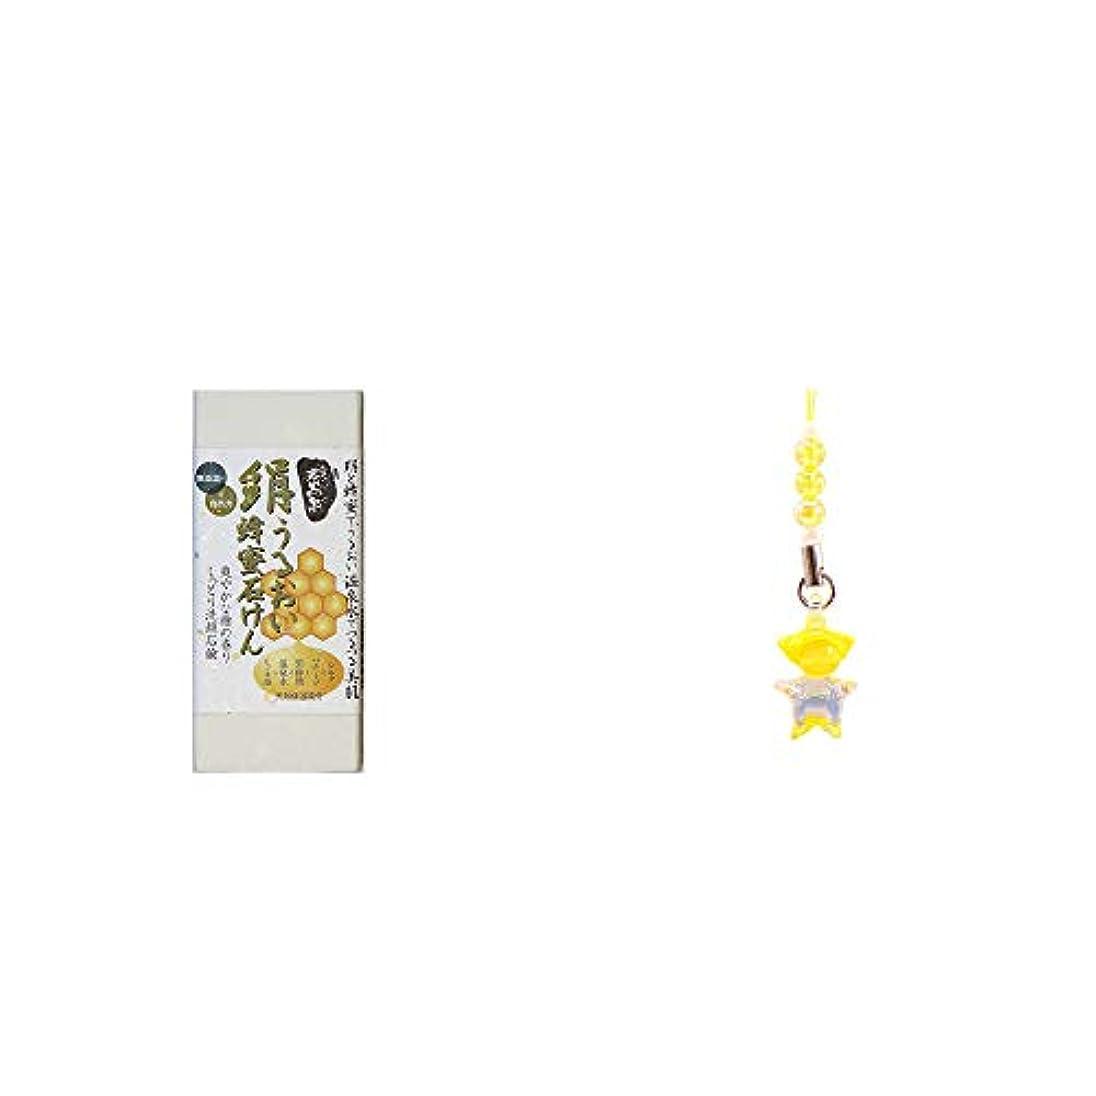 内なるバンドル取り囲む[2点セット] ひのき炭黒泉 絹うるおい蜂蜜石けん(75g×2)?ガラスのさるぼぼ 手作りキーホルダー 【黄】 /金運?ギャンブル運?財運?宝くじ当選祈願//